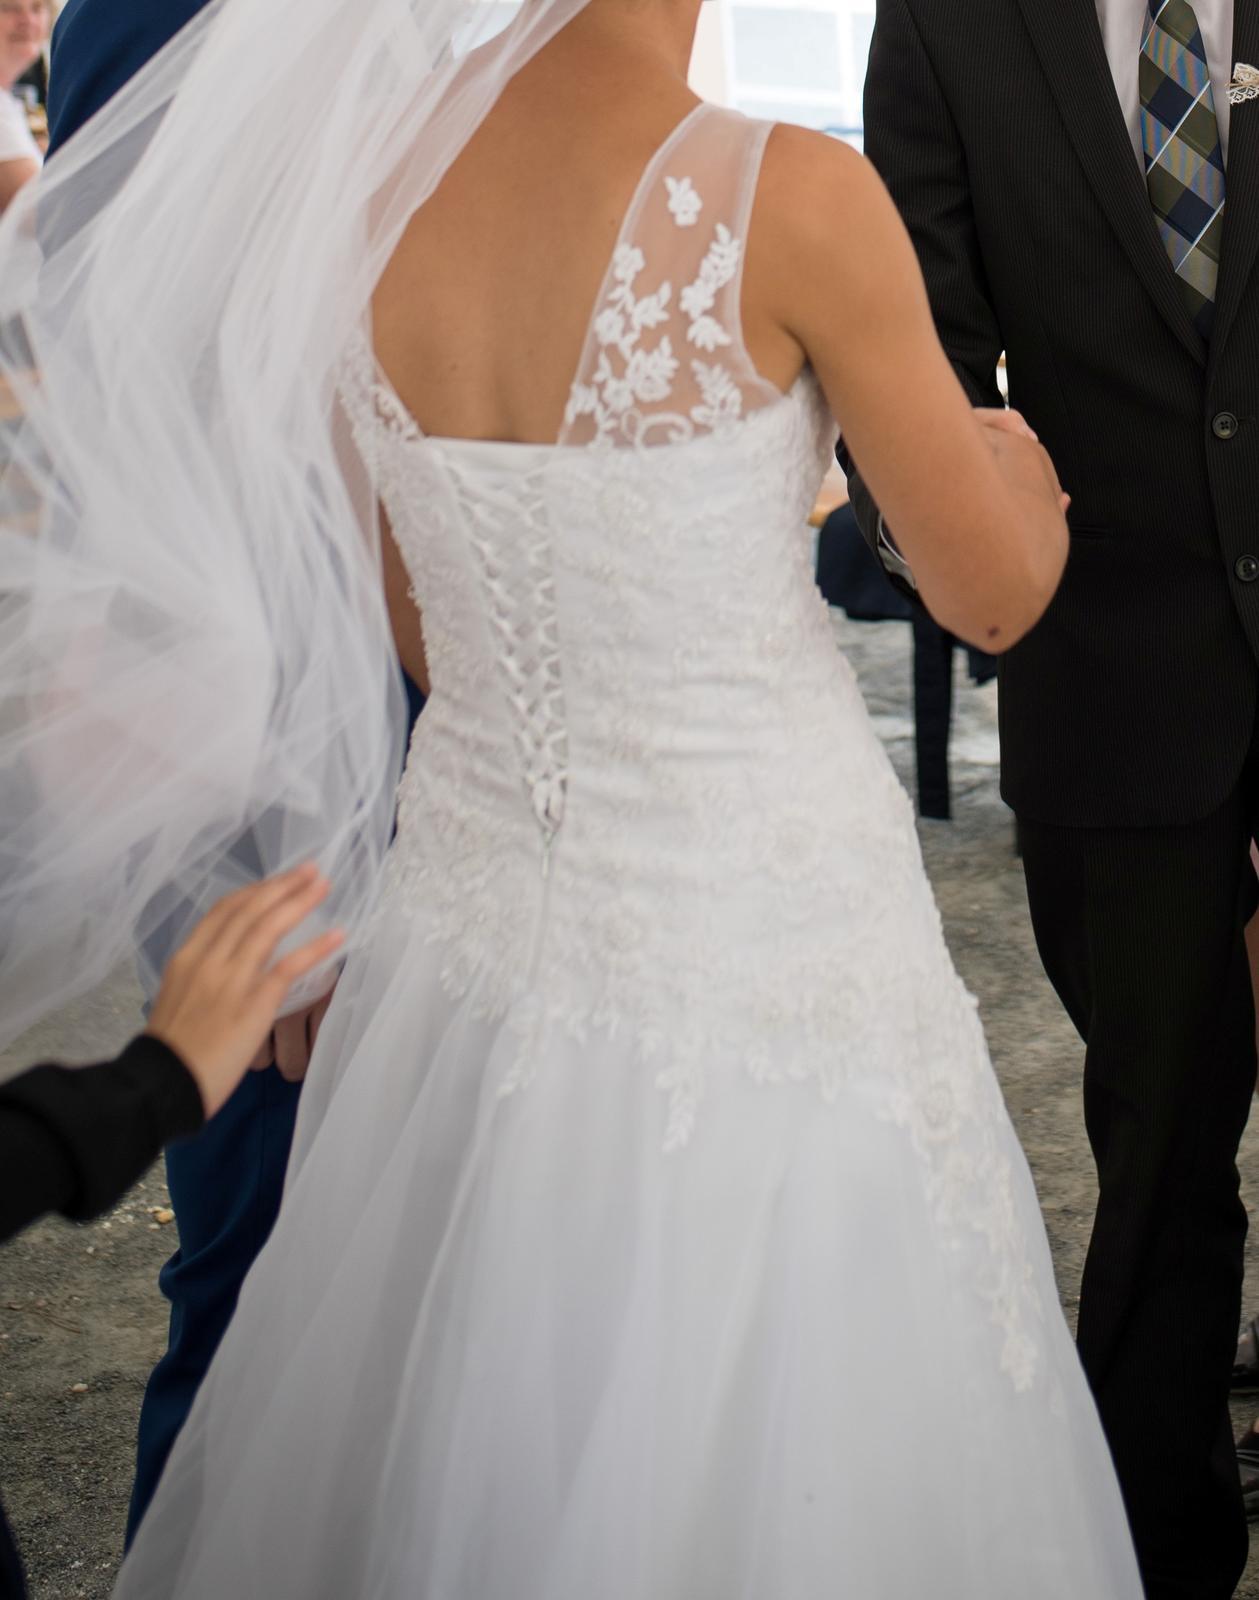 Svatební šaty (cca 36-40) korzetové s krajkou - Obrázek č. 3